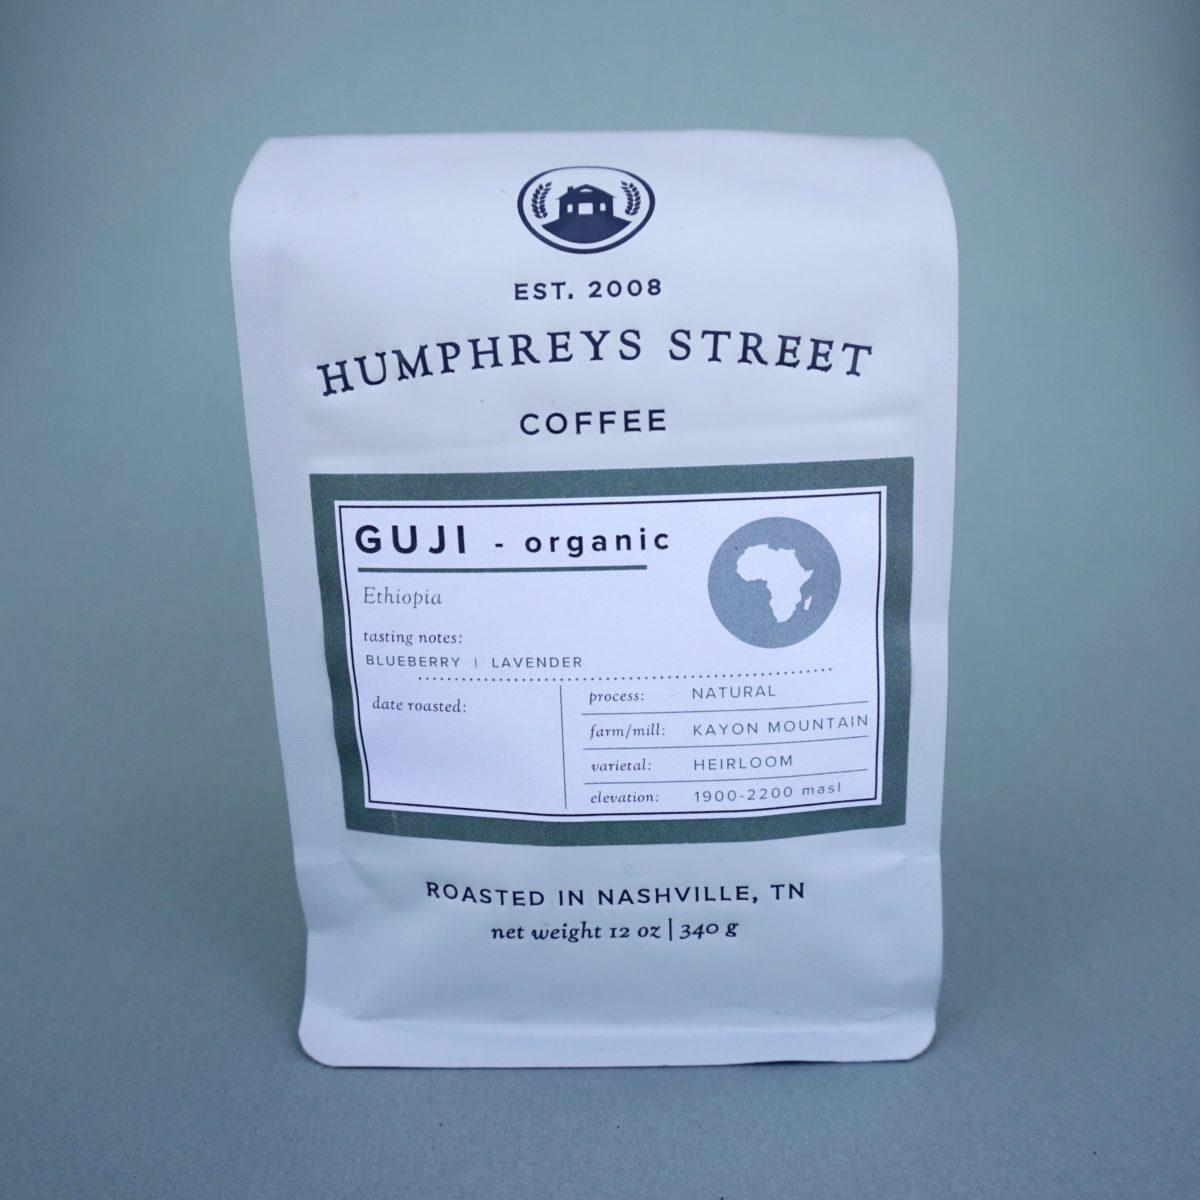 humphreys street ethiopia guji coffee